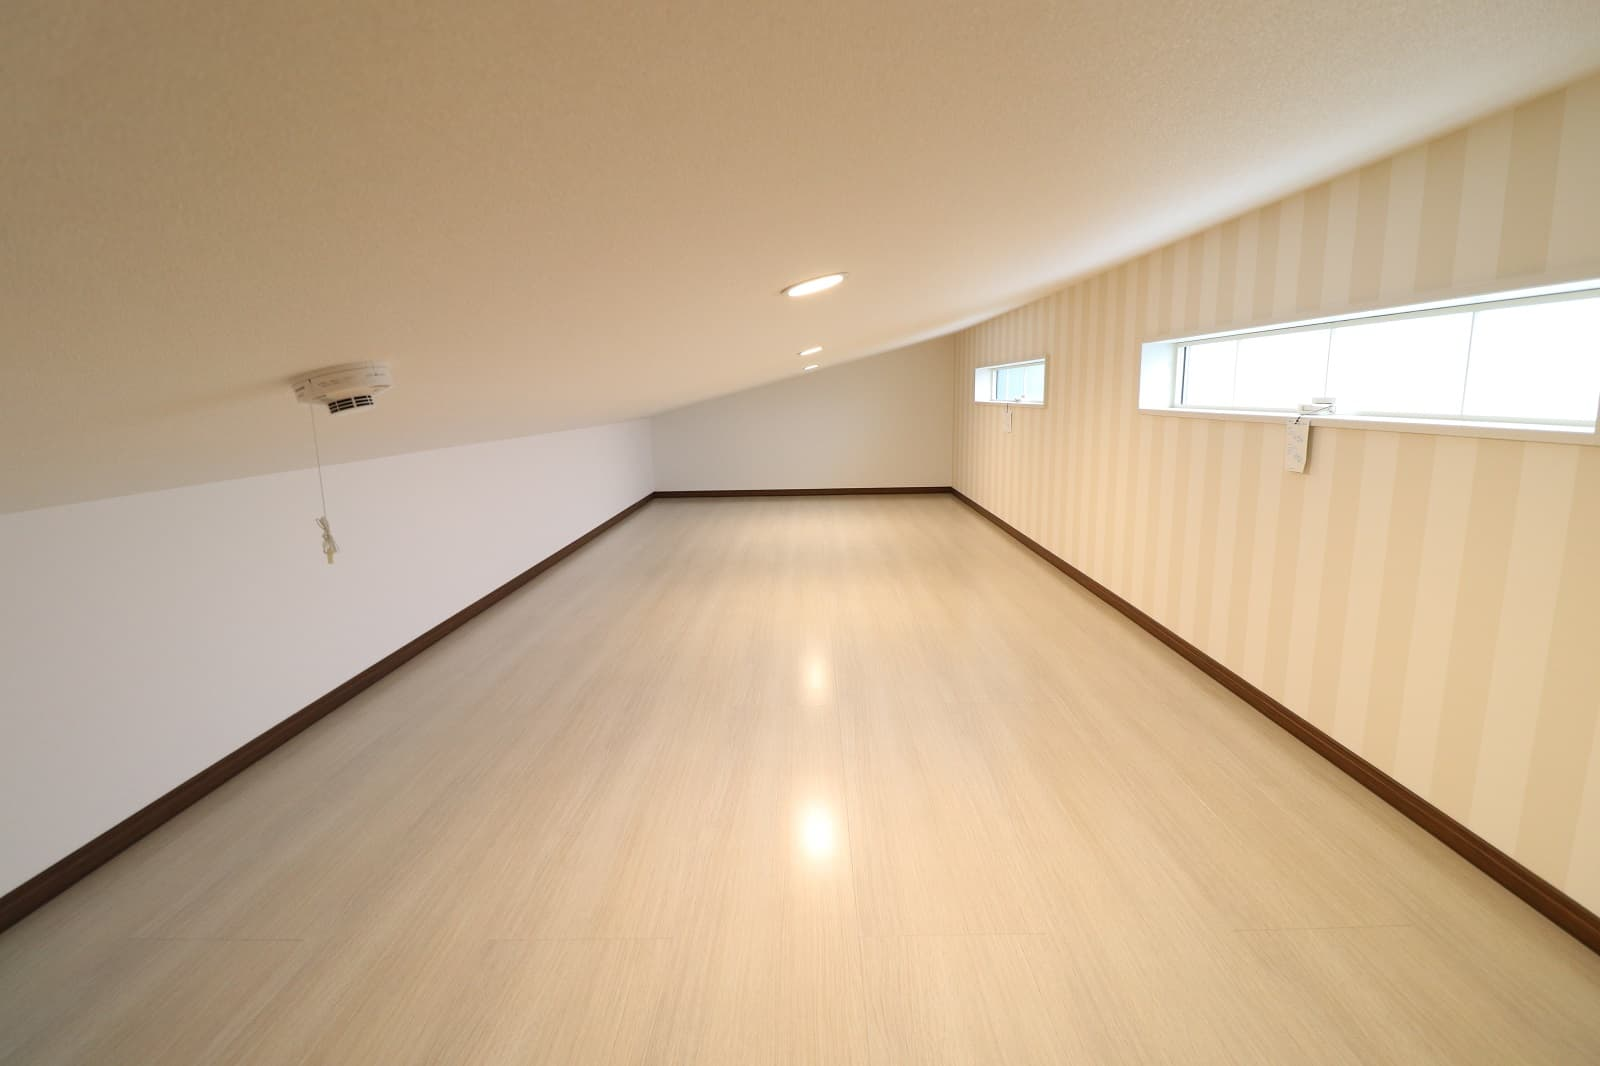 高松市六条の新築分譲住宅 暖房器具や扇風機、思い出の品など収納スペースに